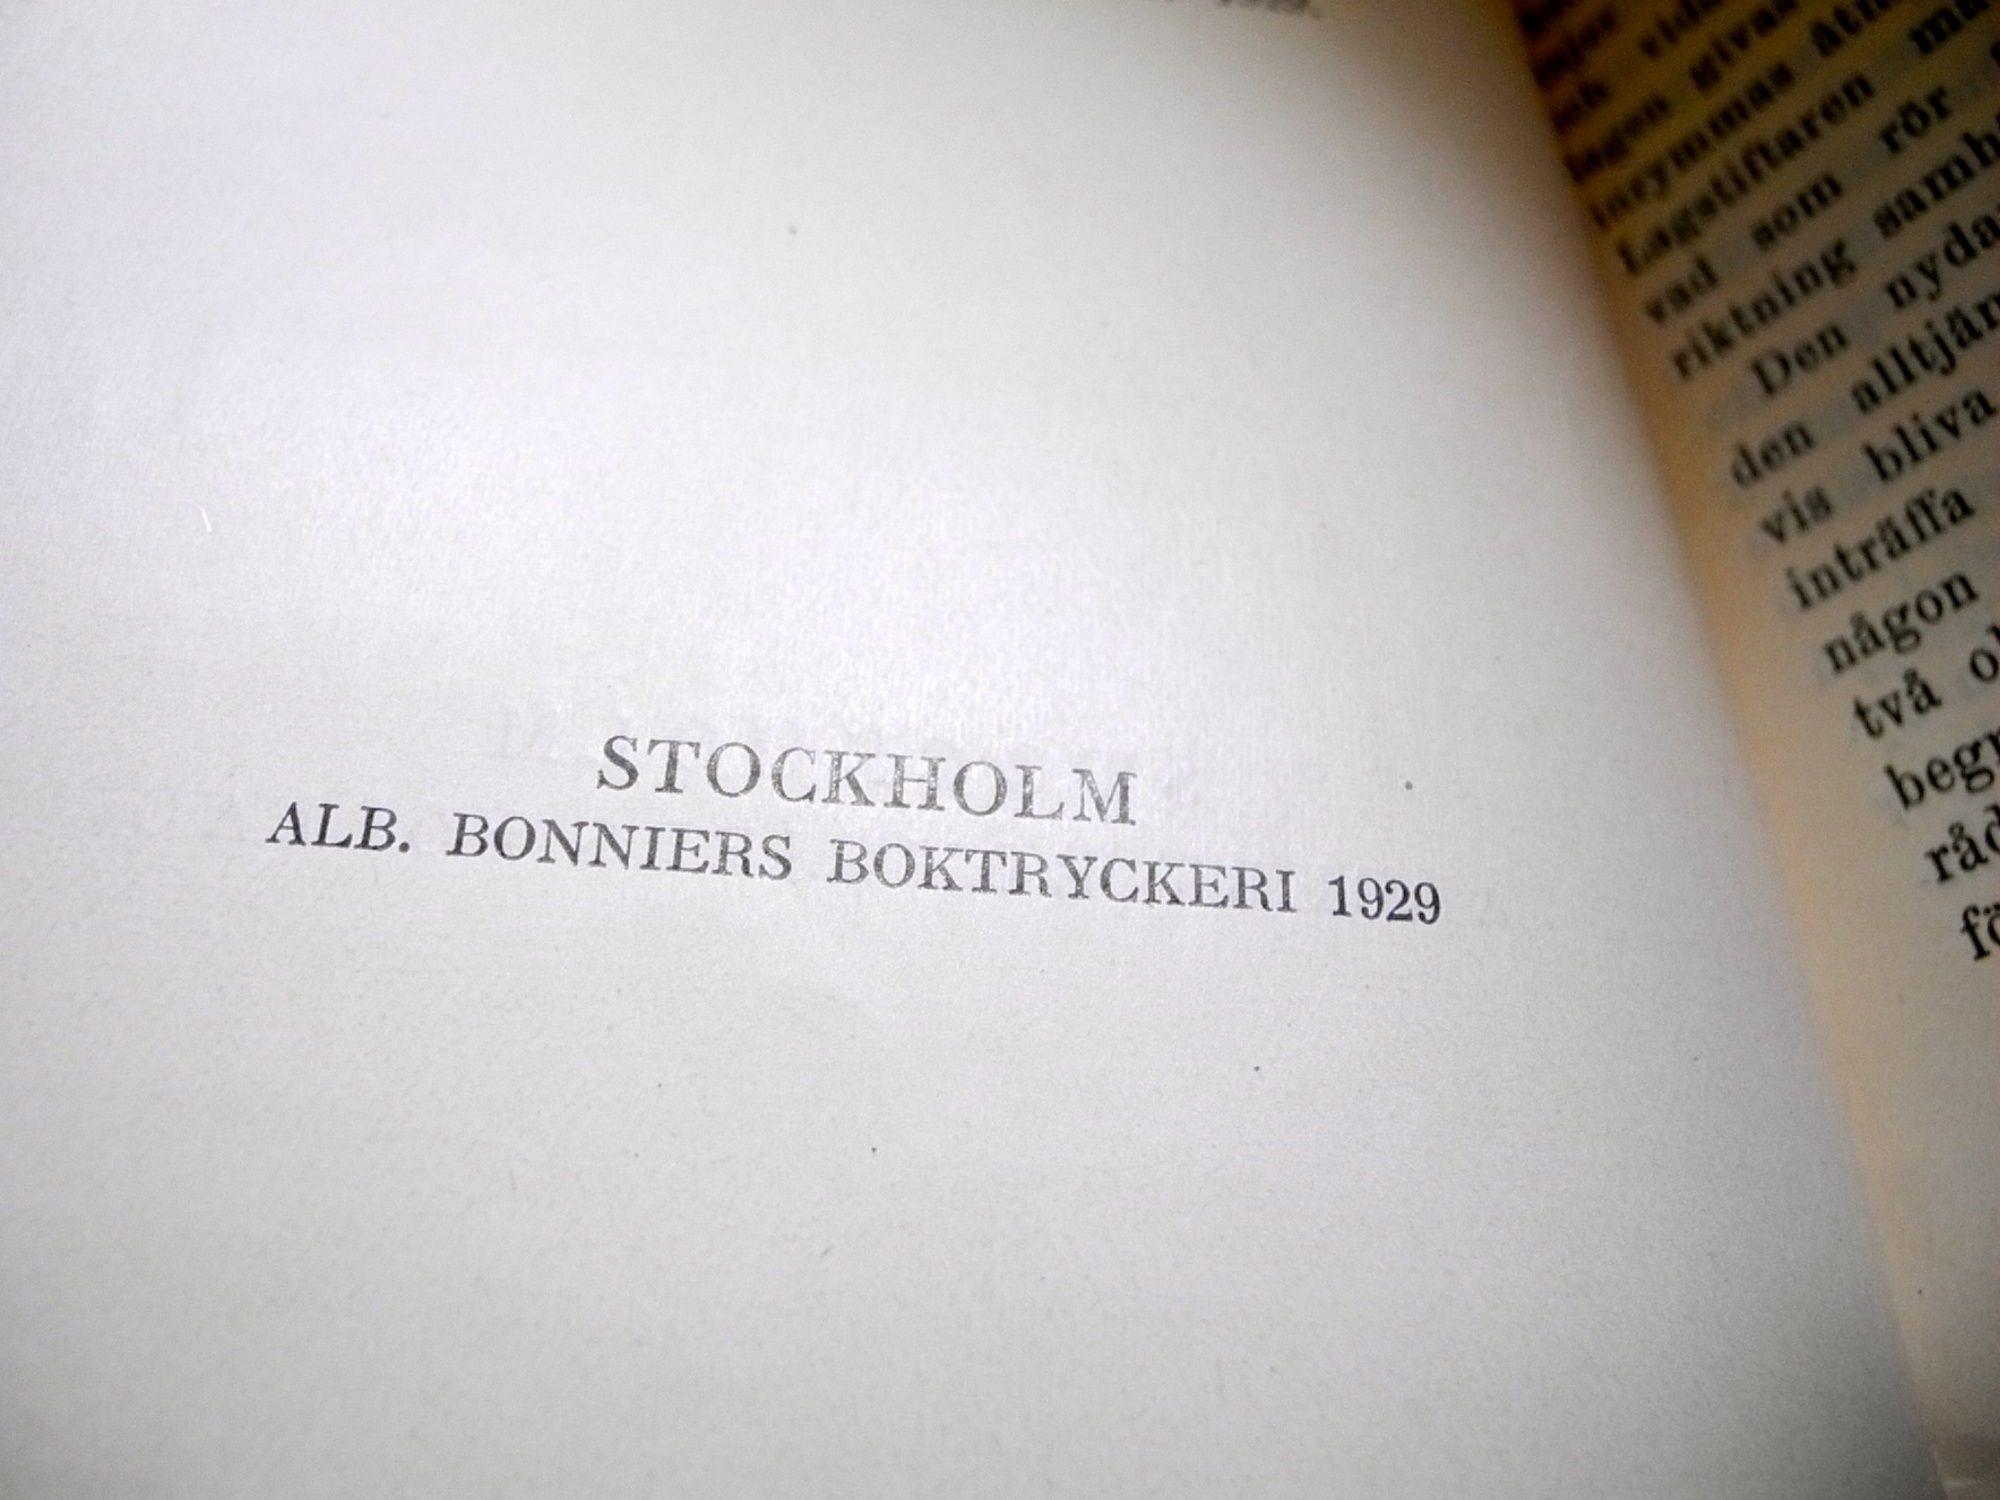 VERDANDIS SMÅSKRIFTER 331 VÅR VÅR VÅR NYA LAGSTIFTNING OM ARV Märta Björnbom 1929 e9e0fa